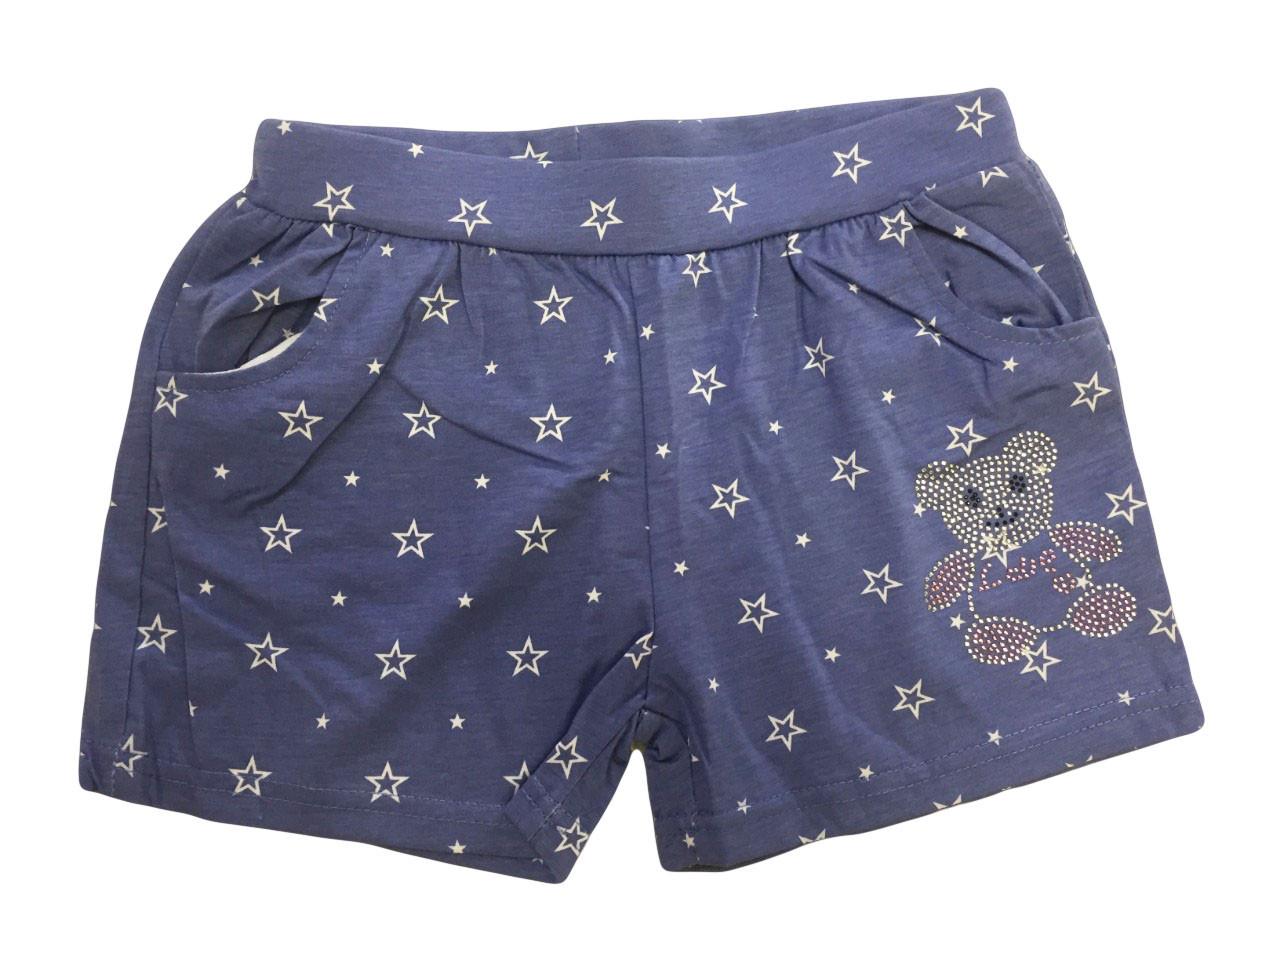 Шорты под джинс для девочек оптом, Sincere, размеры 134-164, арт. LL 2271